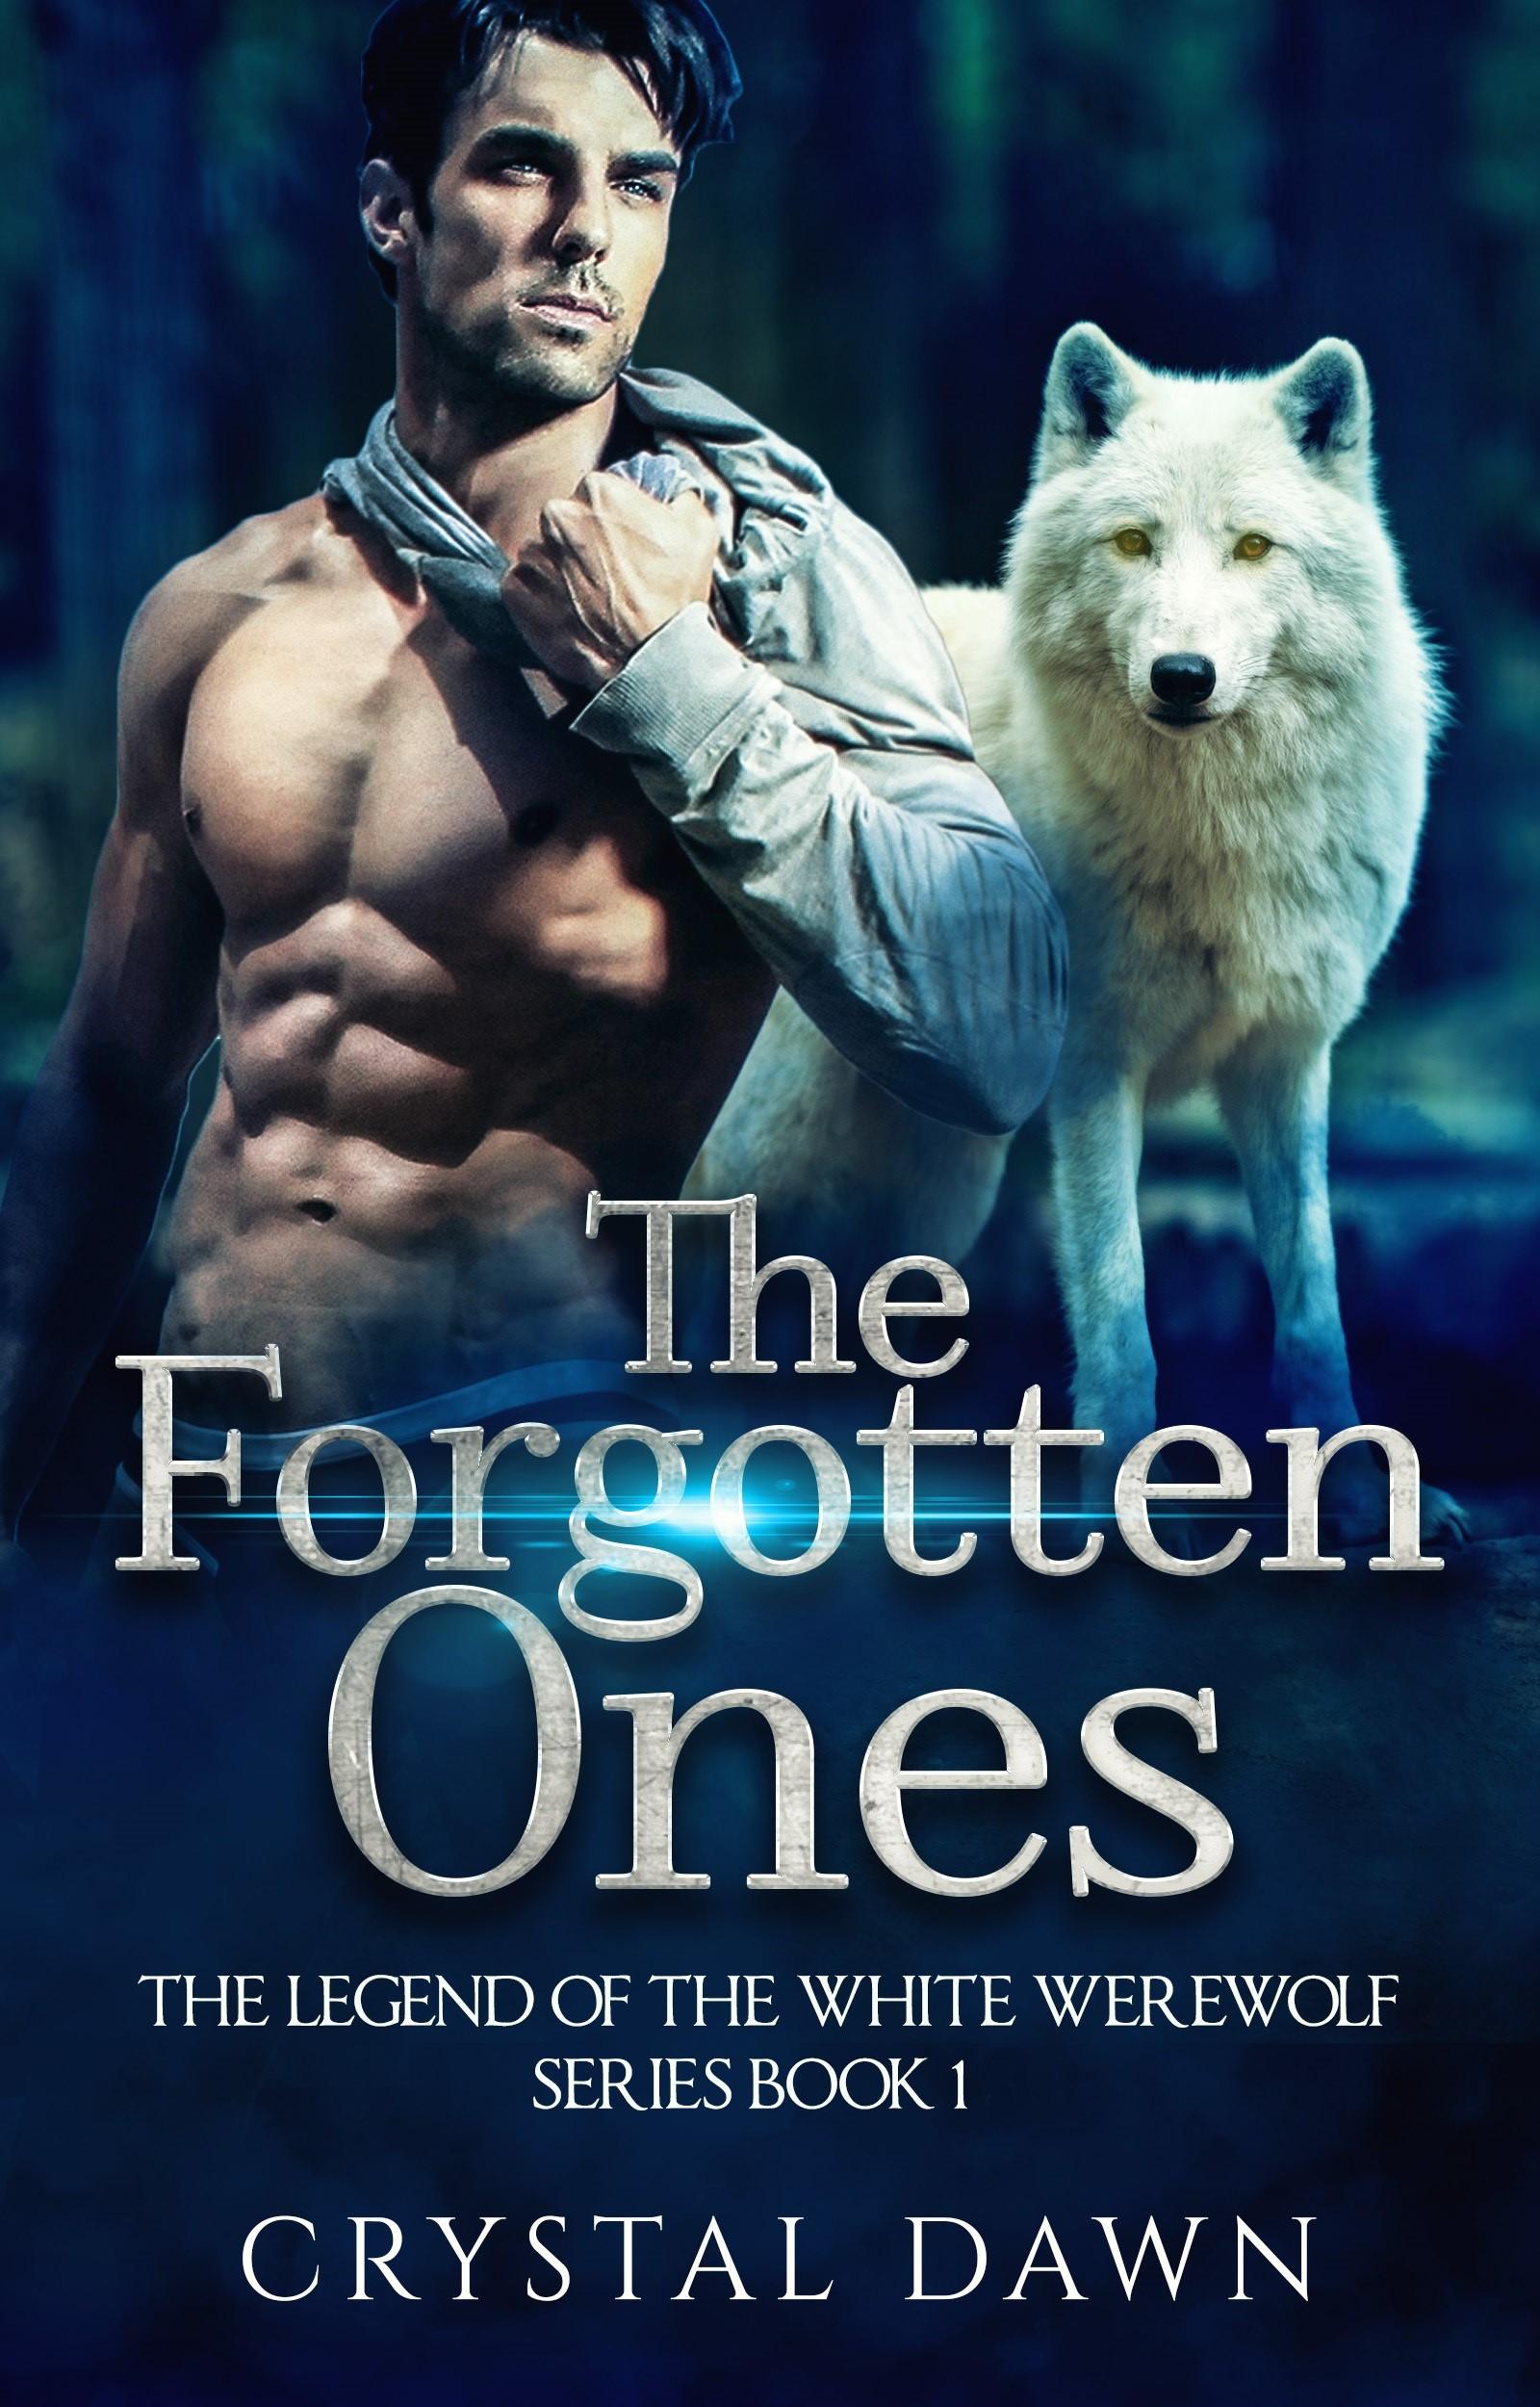 Legend of the White Werewolf Series The Forgotten Ones (sst-ccxcv)